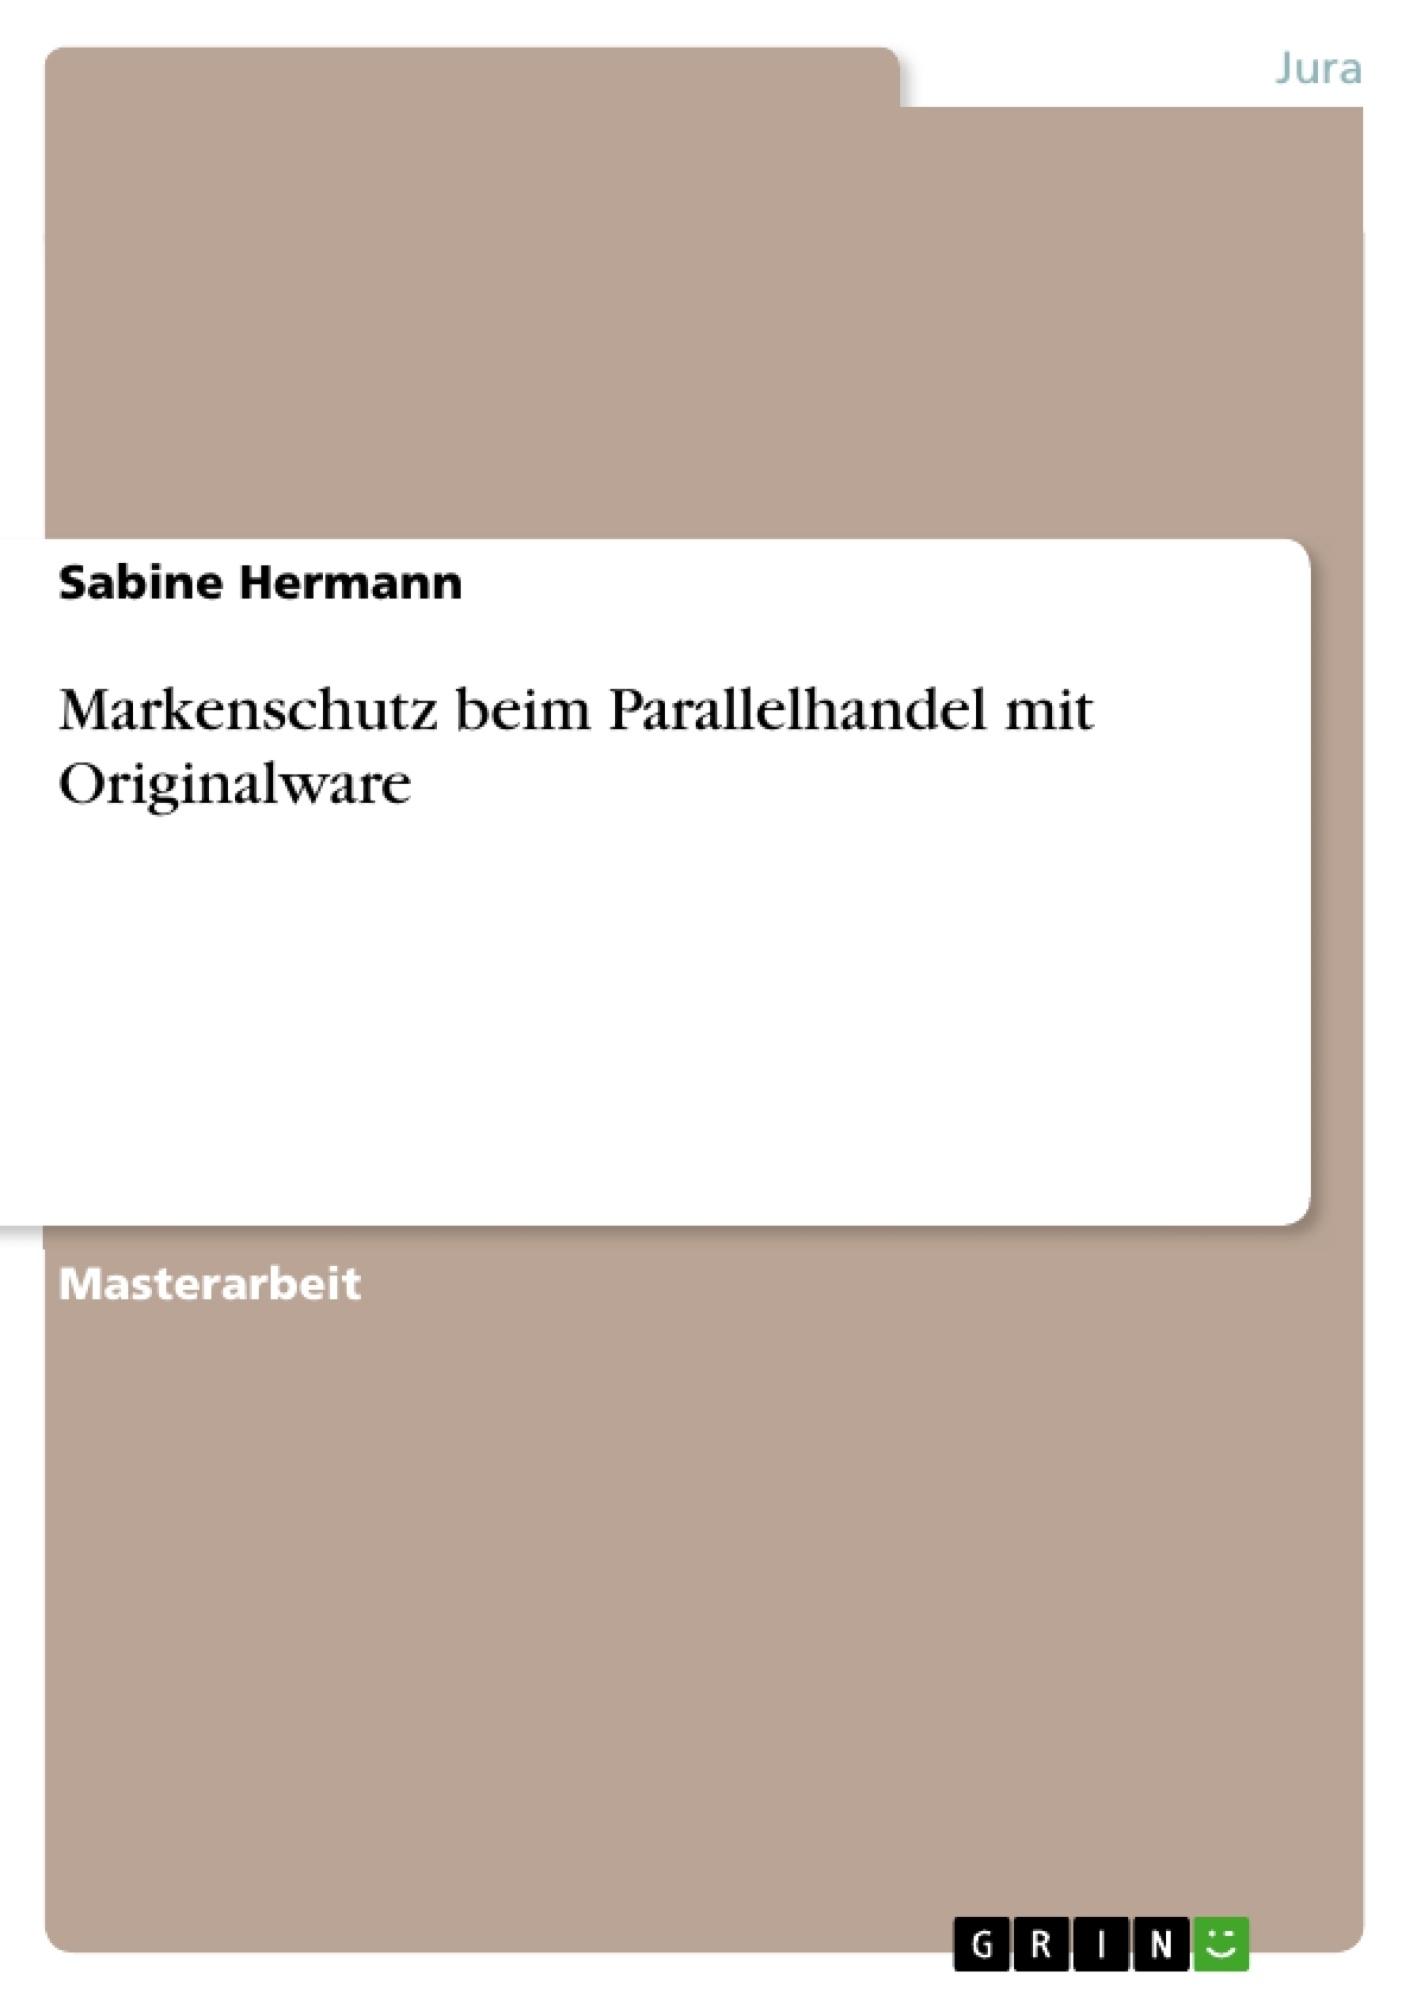 Titel: Markenschutz beim Parallelhandel mit Originalware